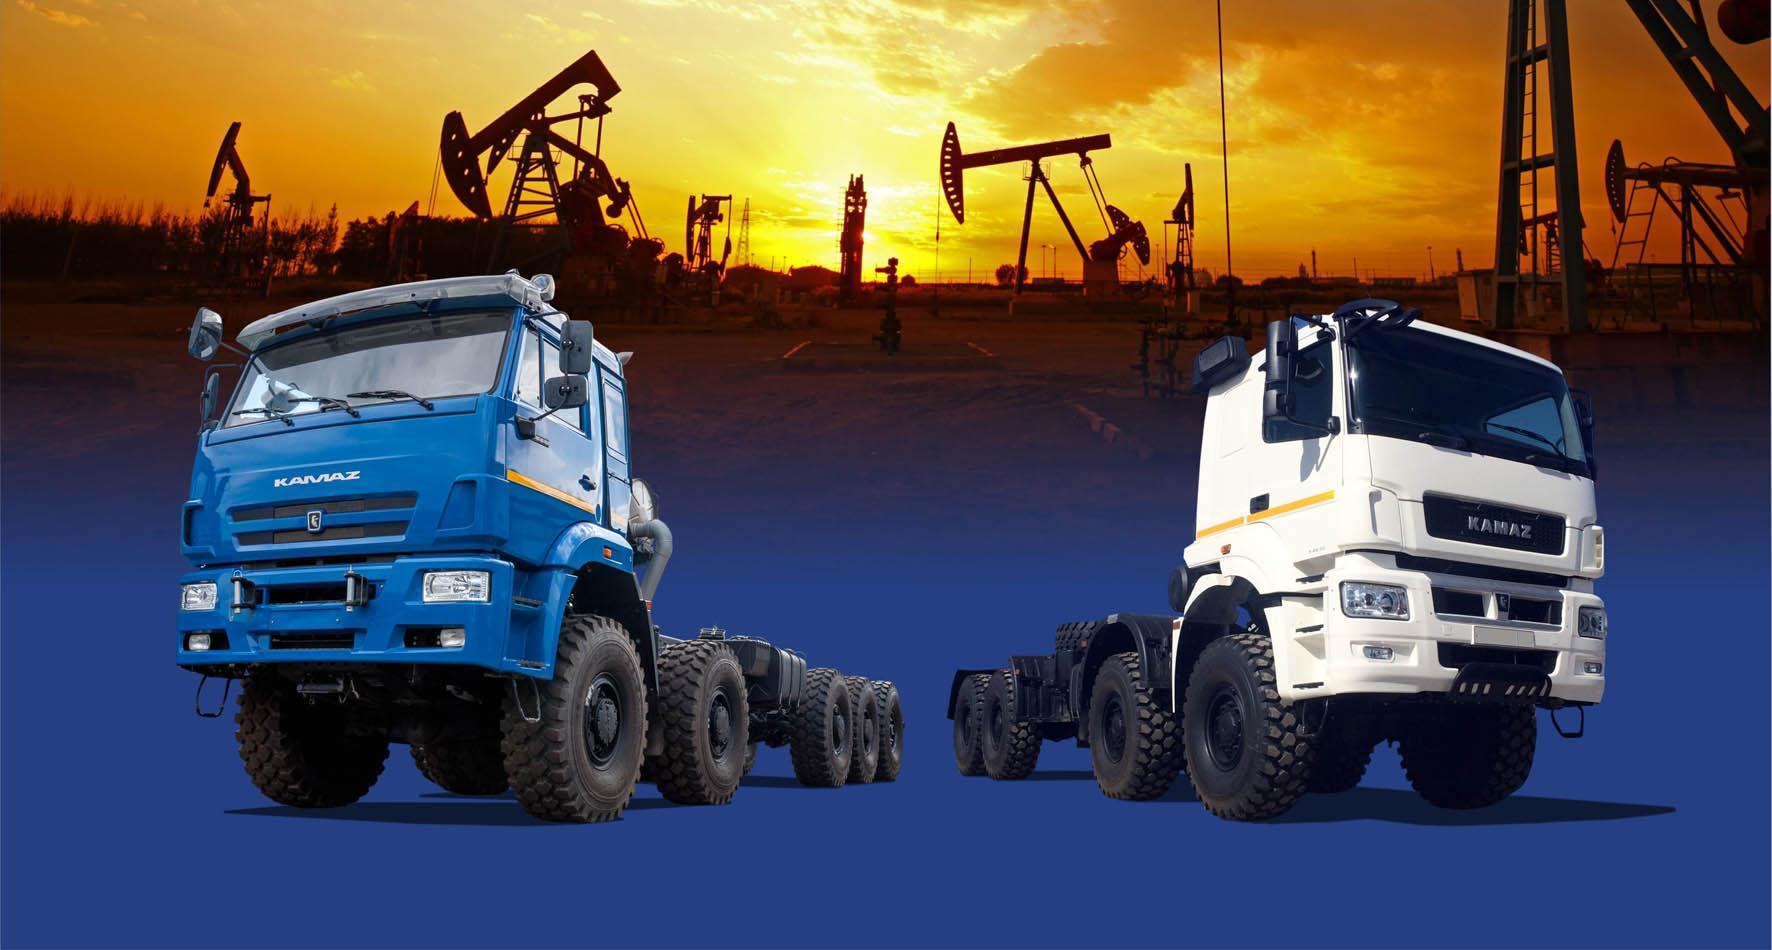 Многоосные спецшасси РИАТ для нефтесервиса